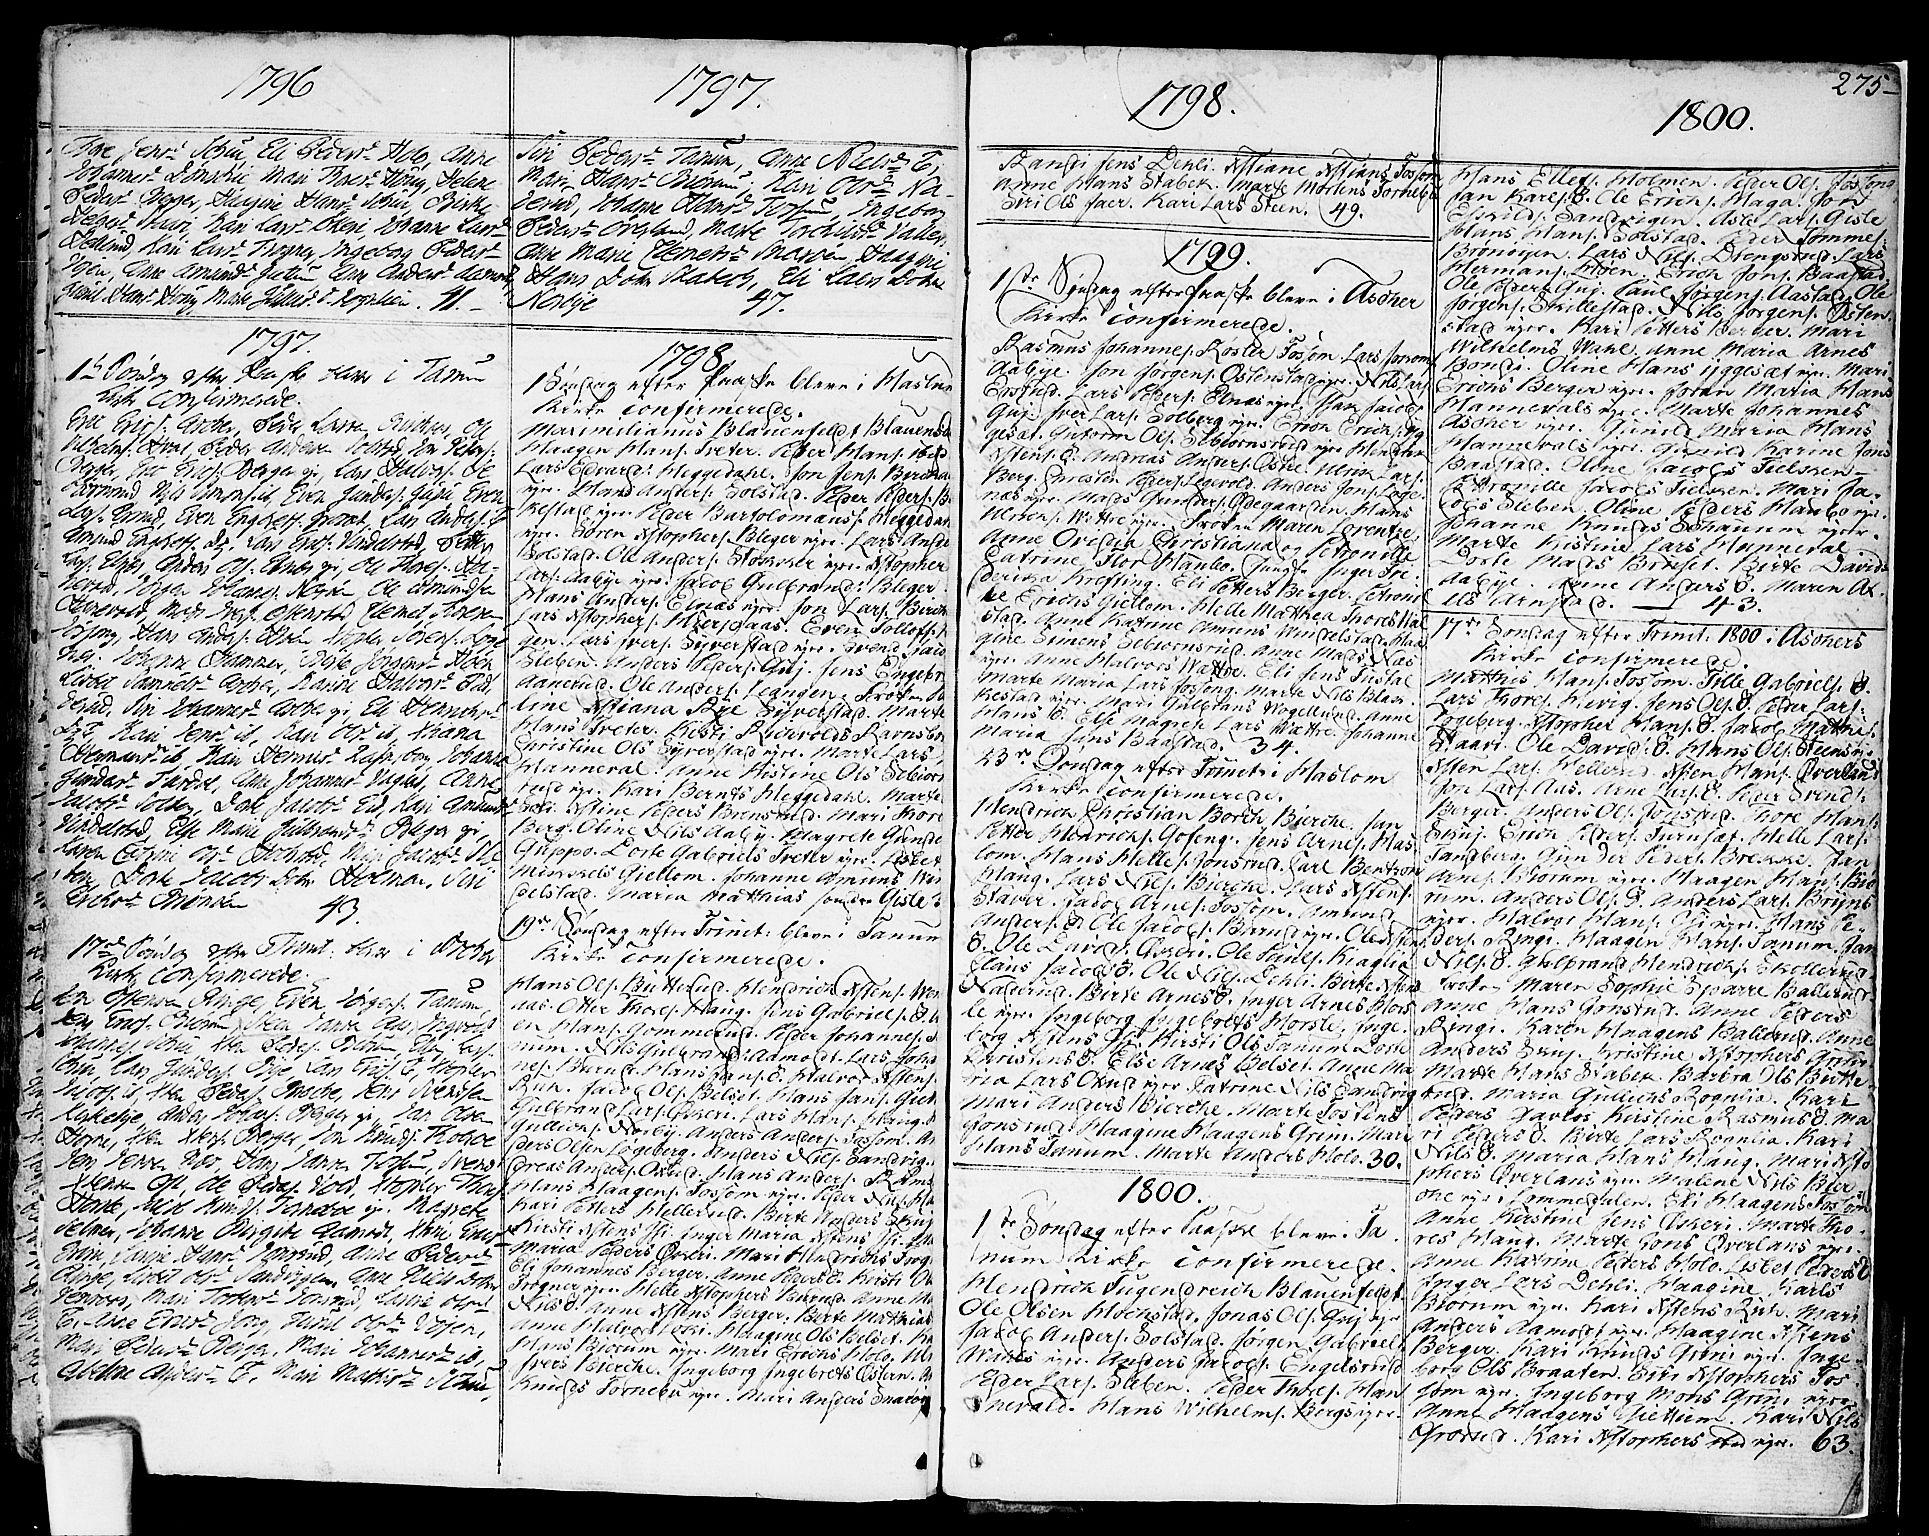 SAO, Asker prestekontor Kirkebøker, F/Fa/L0003: Ministerialbok nr. I 3, 1767-1807, s. 275